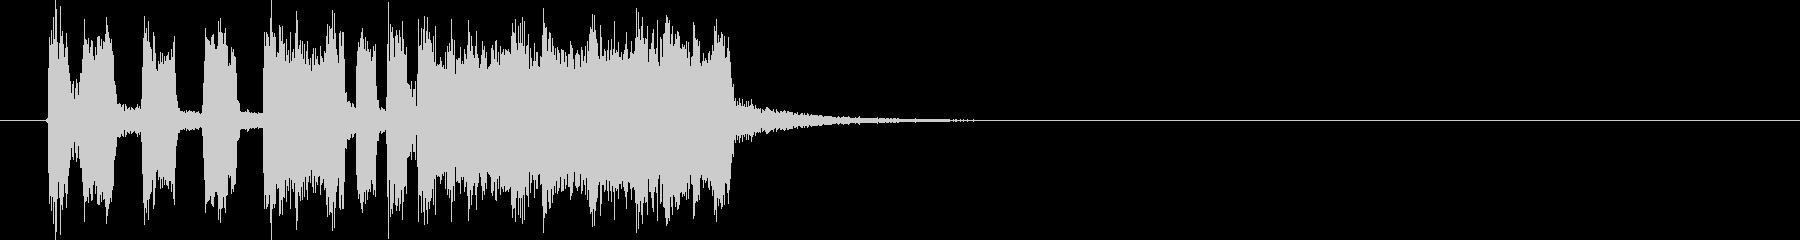 勢いと盛大なシンセサウンド短めの未再生の波形